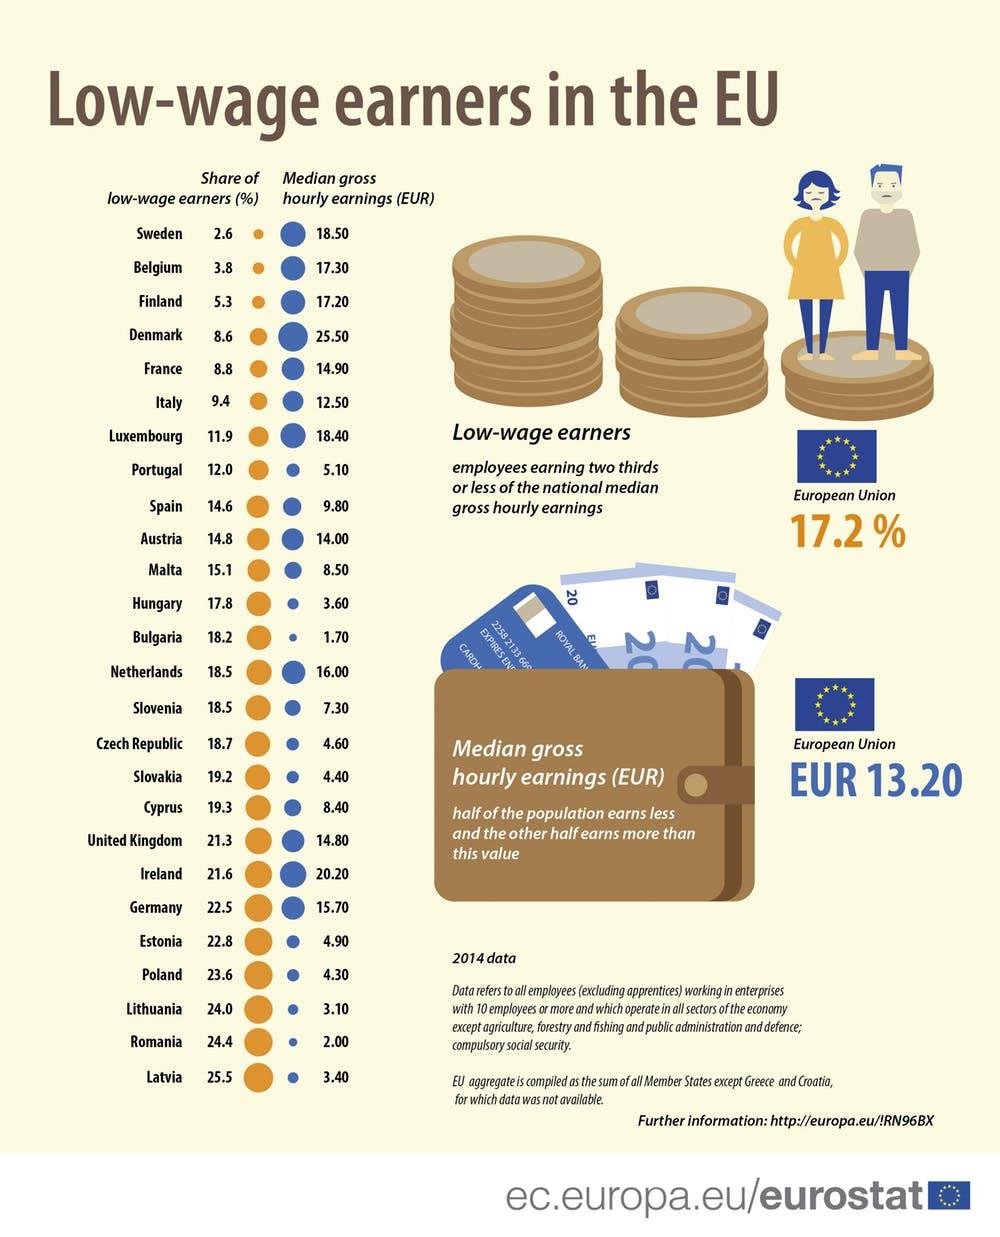 Este gráfico muestra en ingles los resultados de la encuesta cuatrienal sobre la estructura de ingresos, que relaciona nivel de ingresos con sexo, edad, ocupación, nivel educativo) y su empleador (actividad económica, tamaño de la empresa, etc.). Eurostat